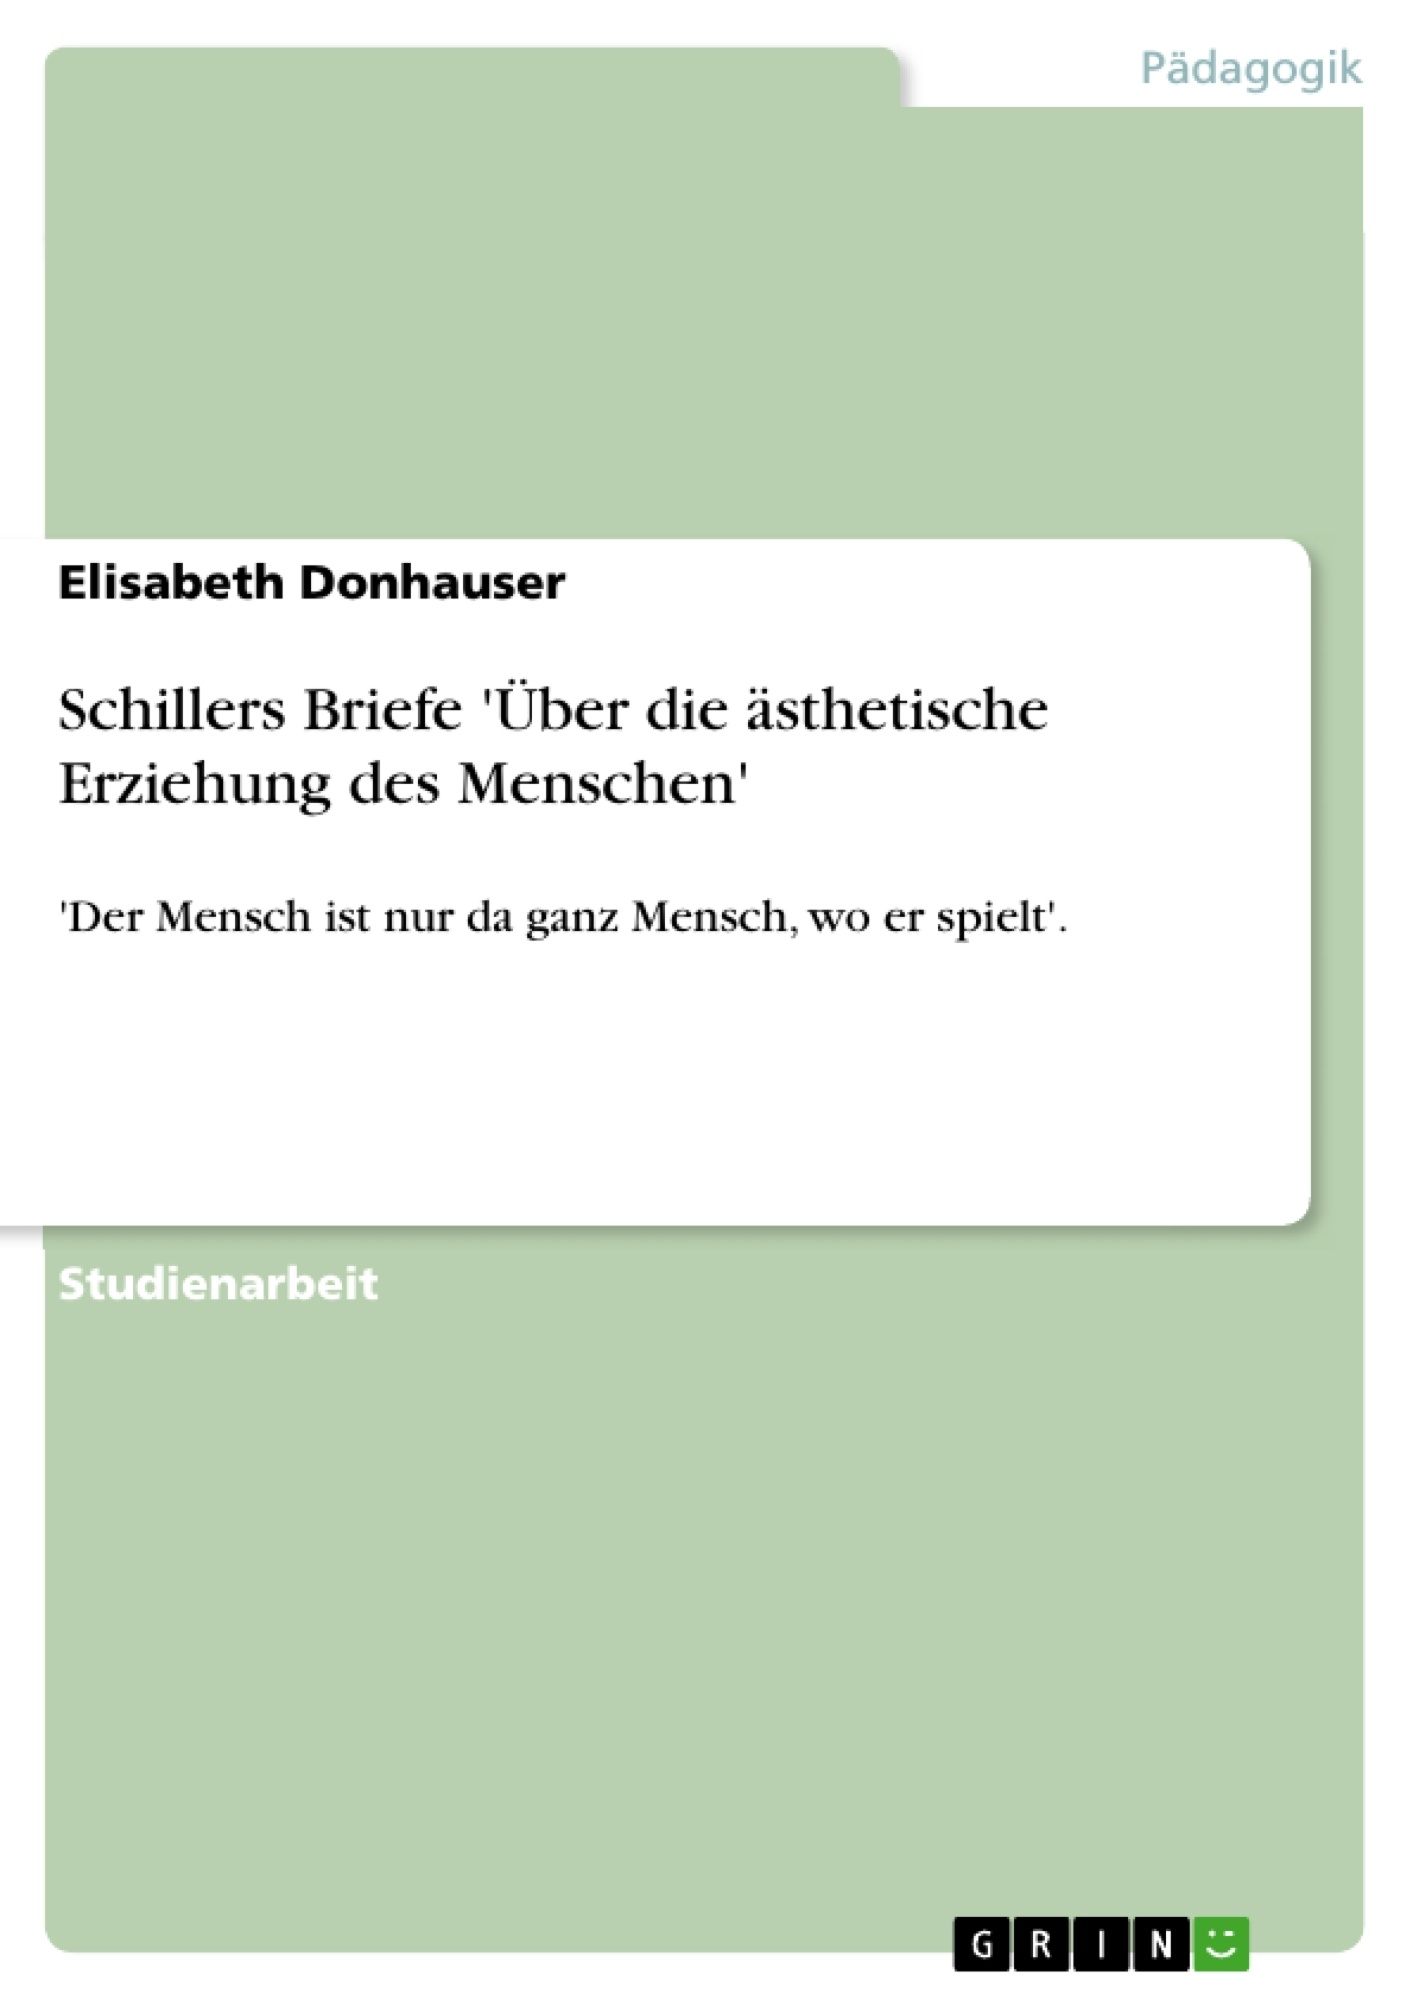 Titel: Schillers Briefe 'Über die ästhetische Erziehung des Menschen'